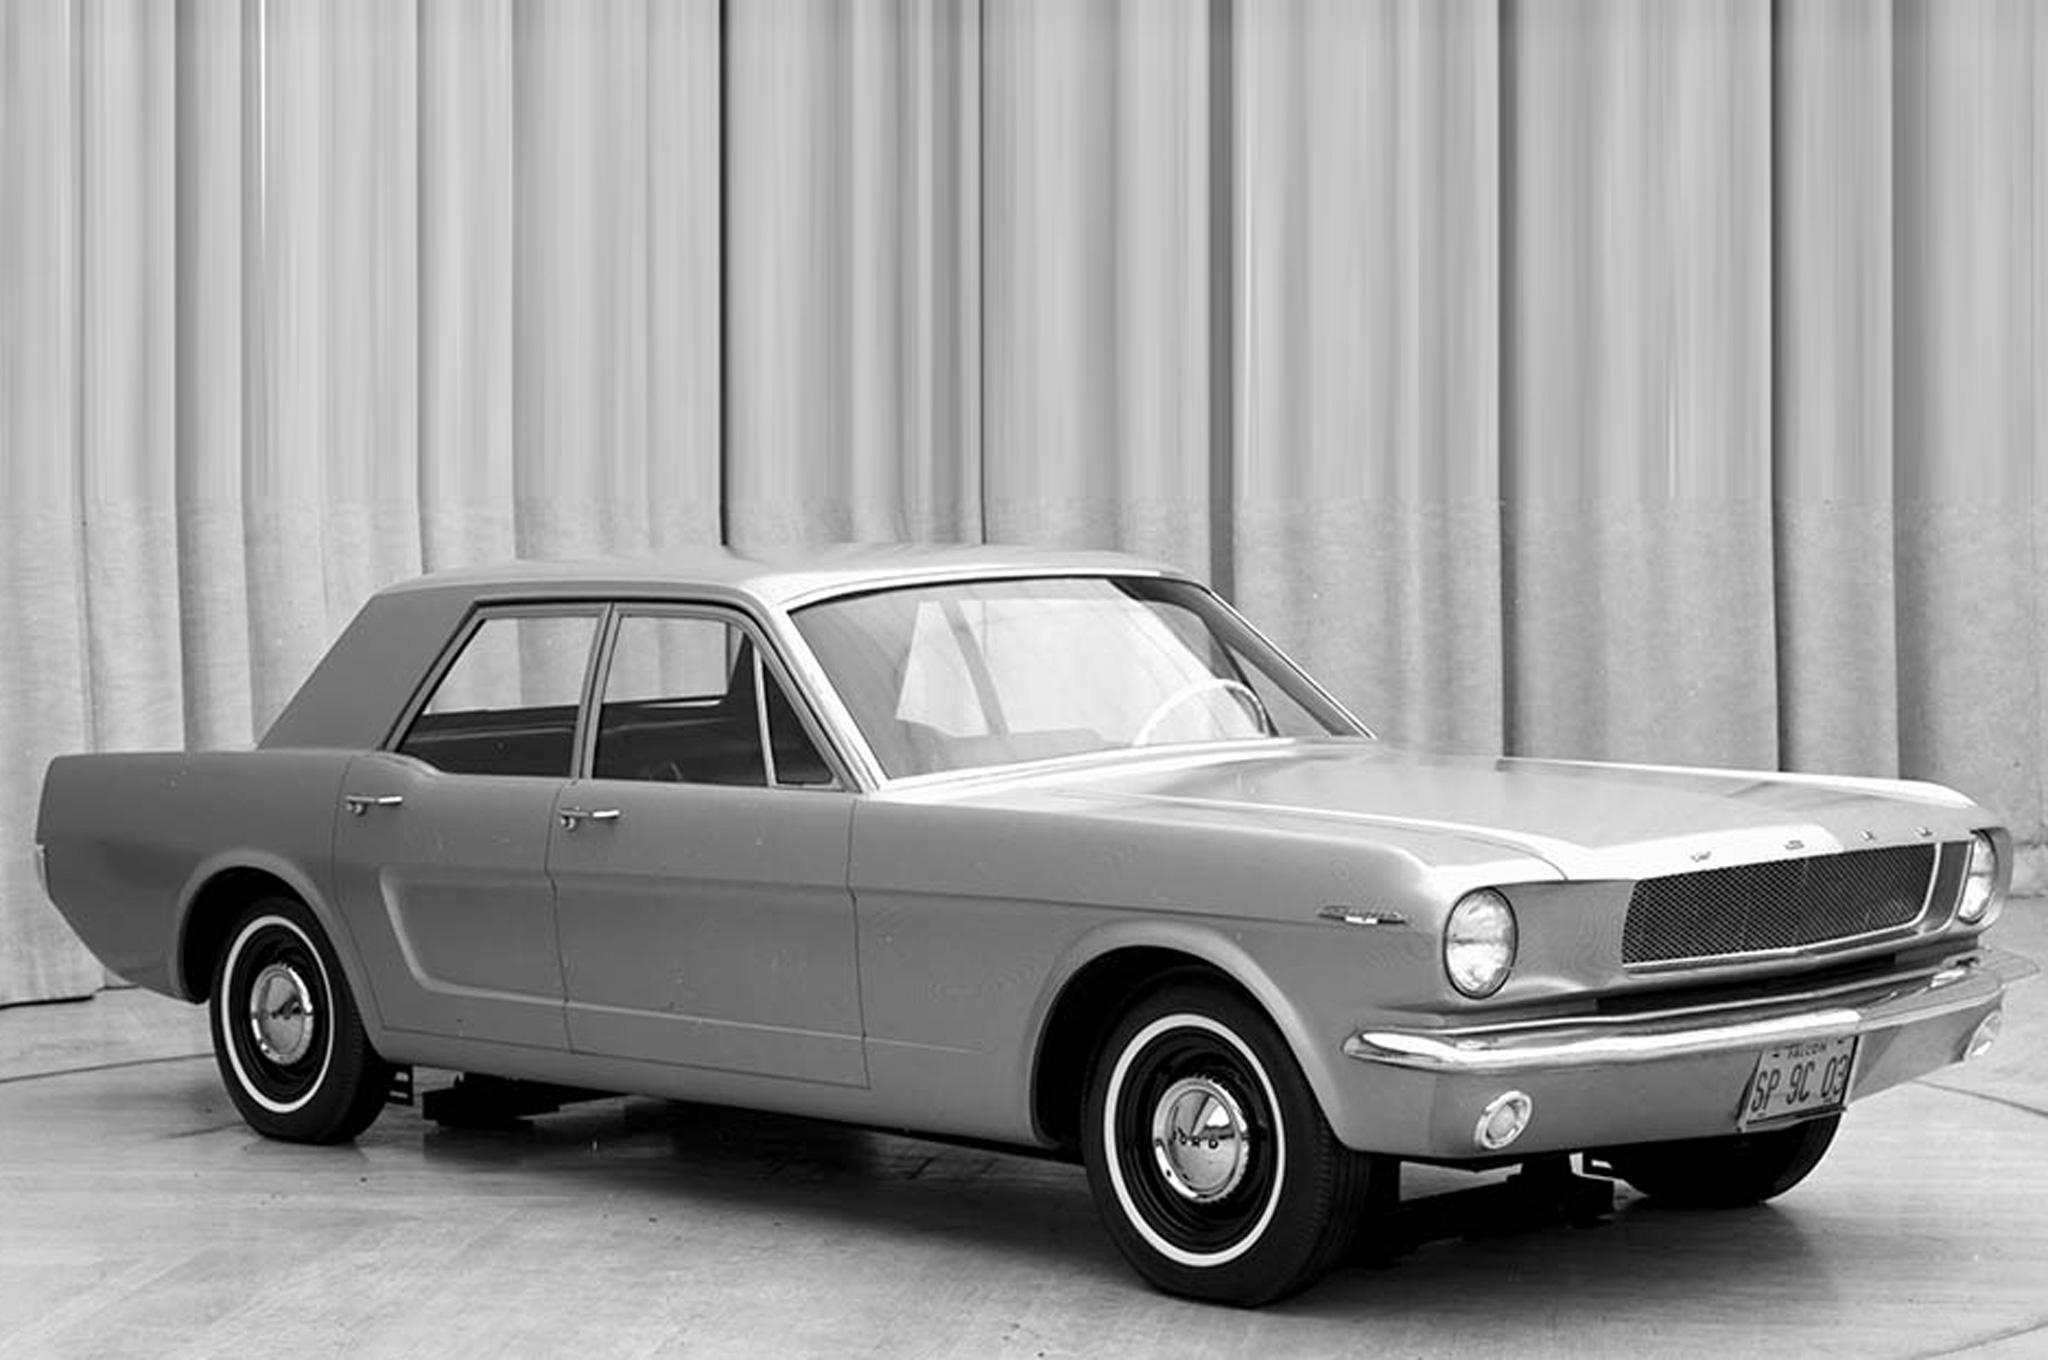 1965р. Чотиридверний Mustang, фото Ford Mustang